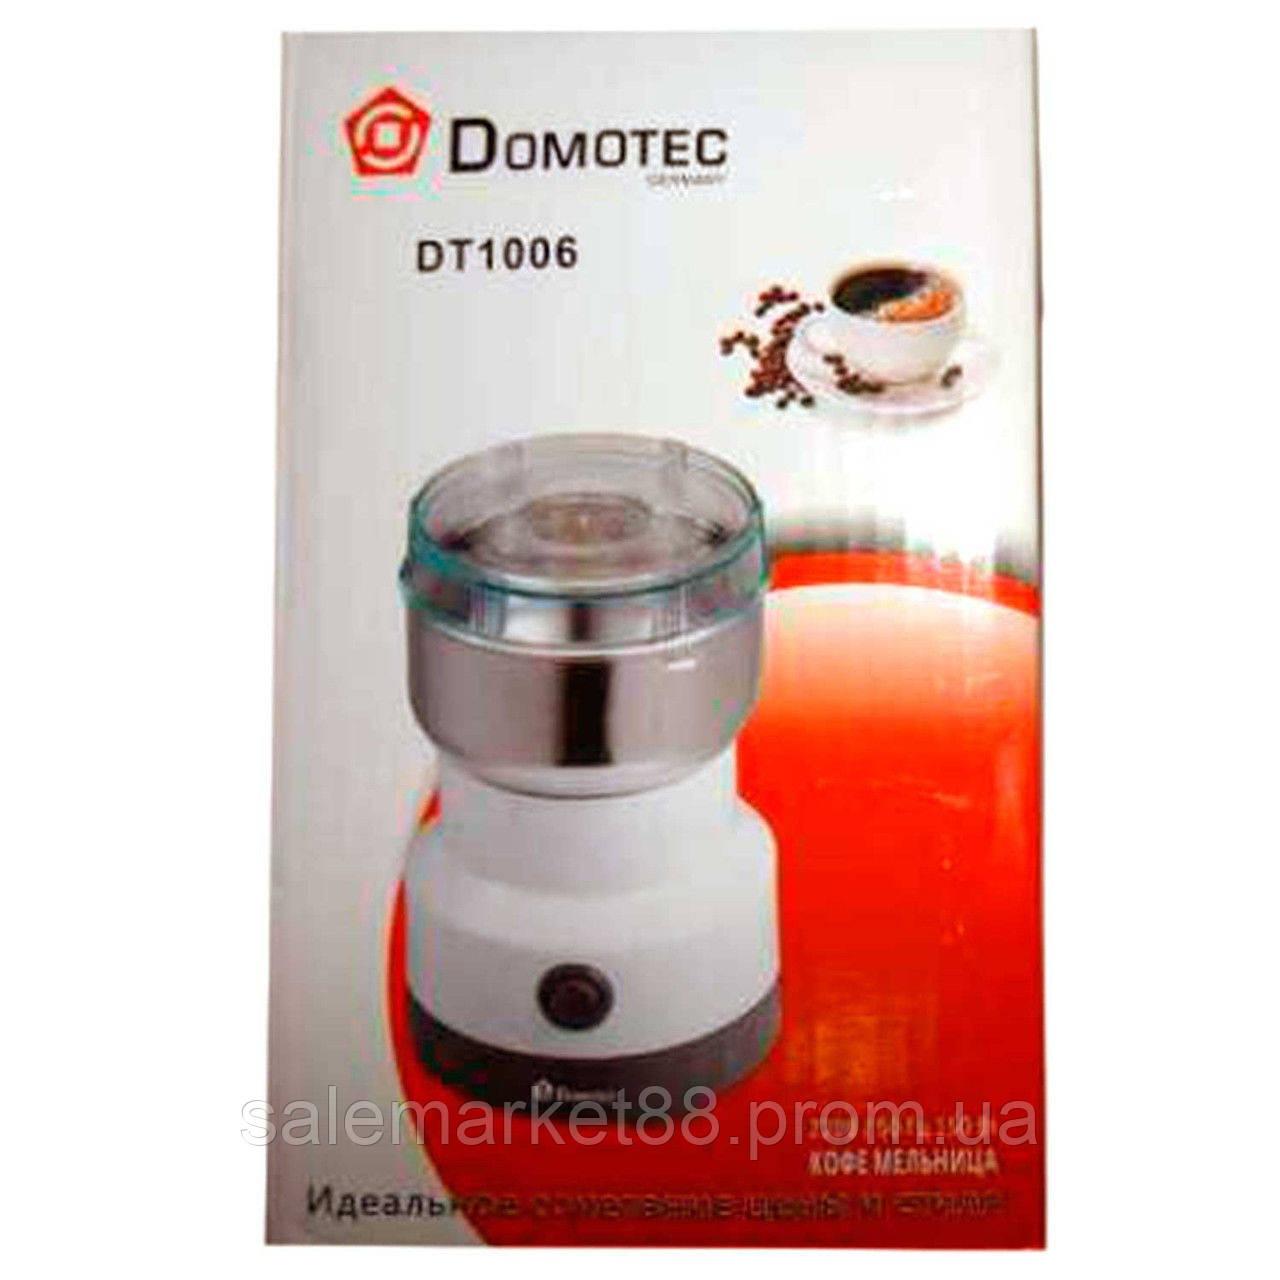 Кофемолка  Domotec DT1006 Germany, белая